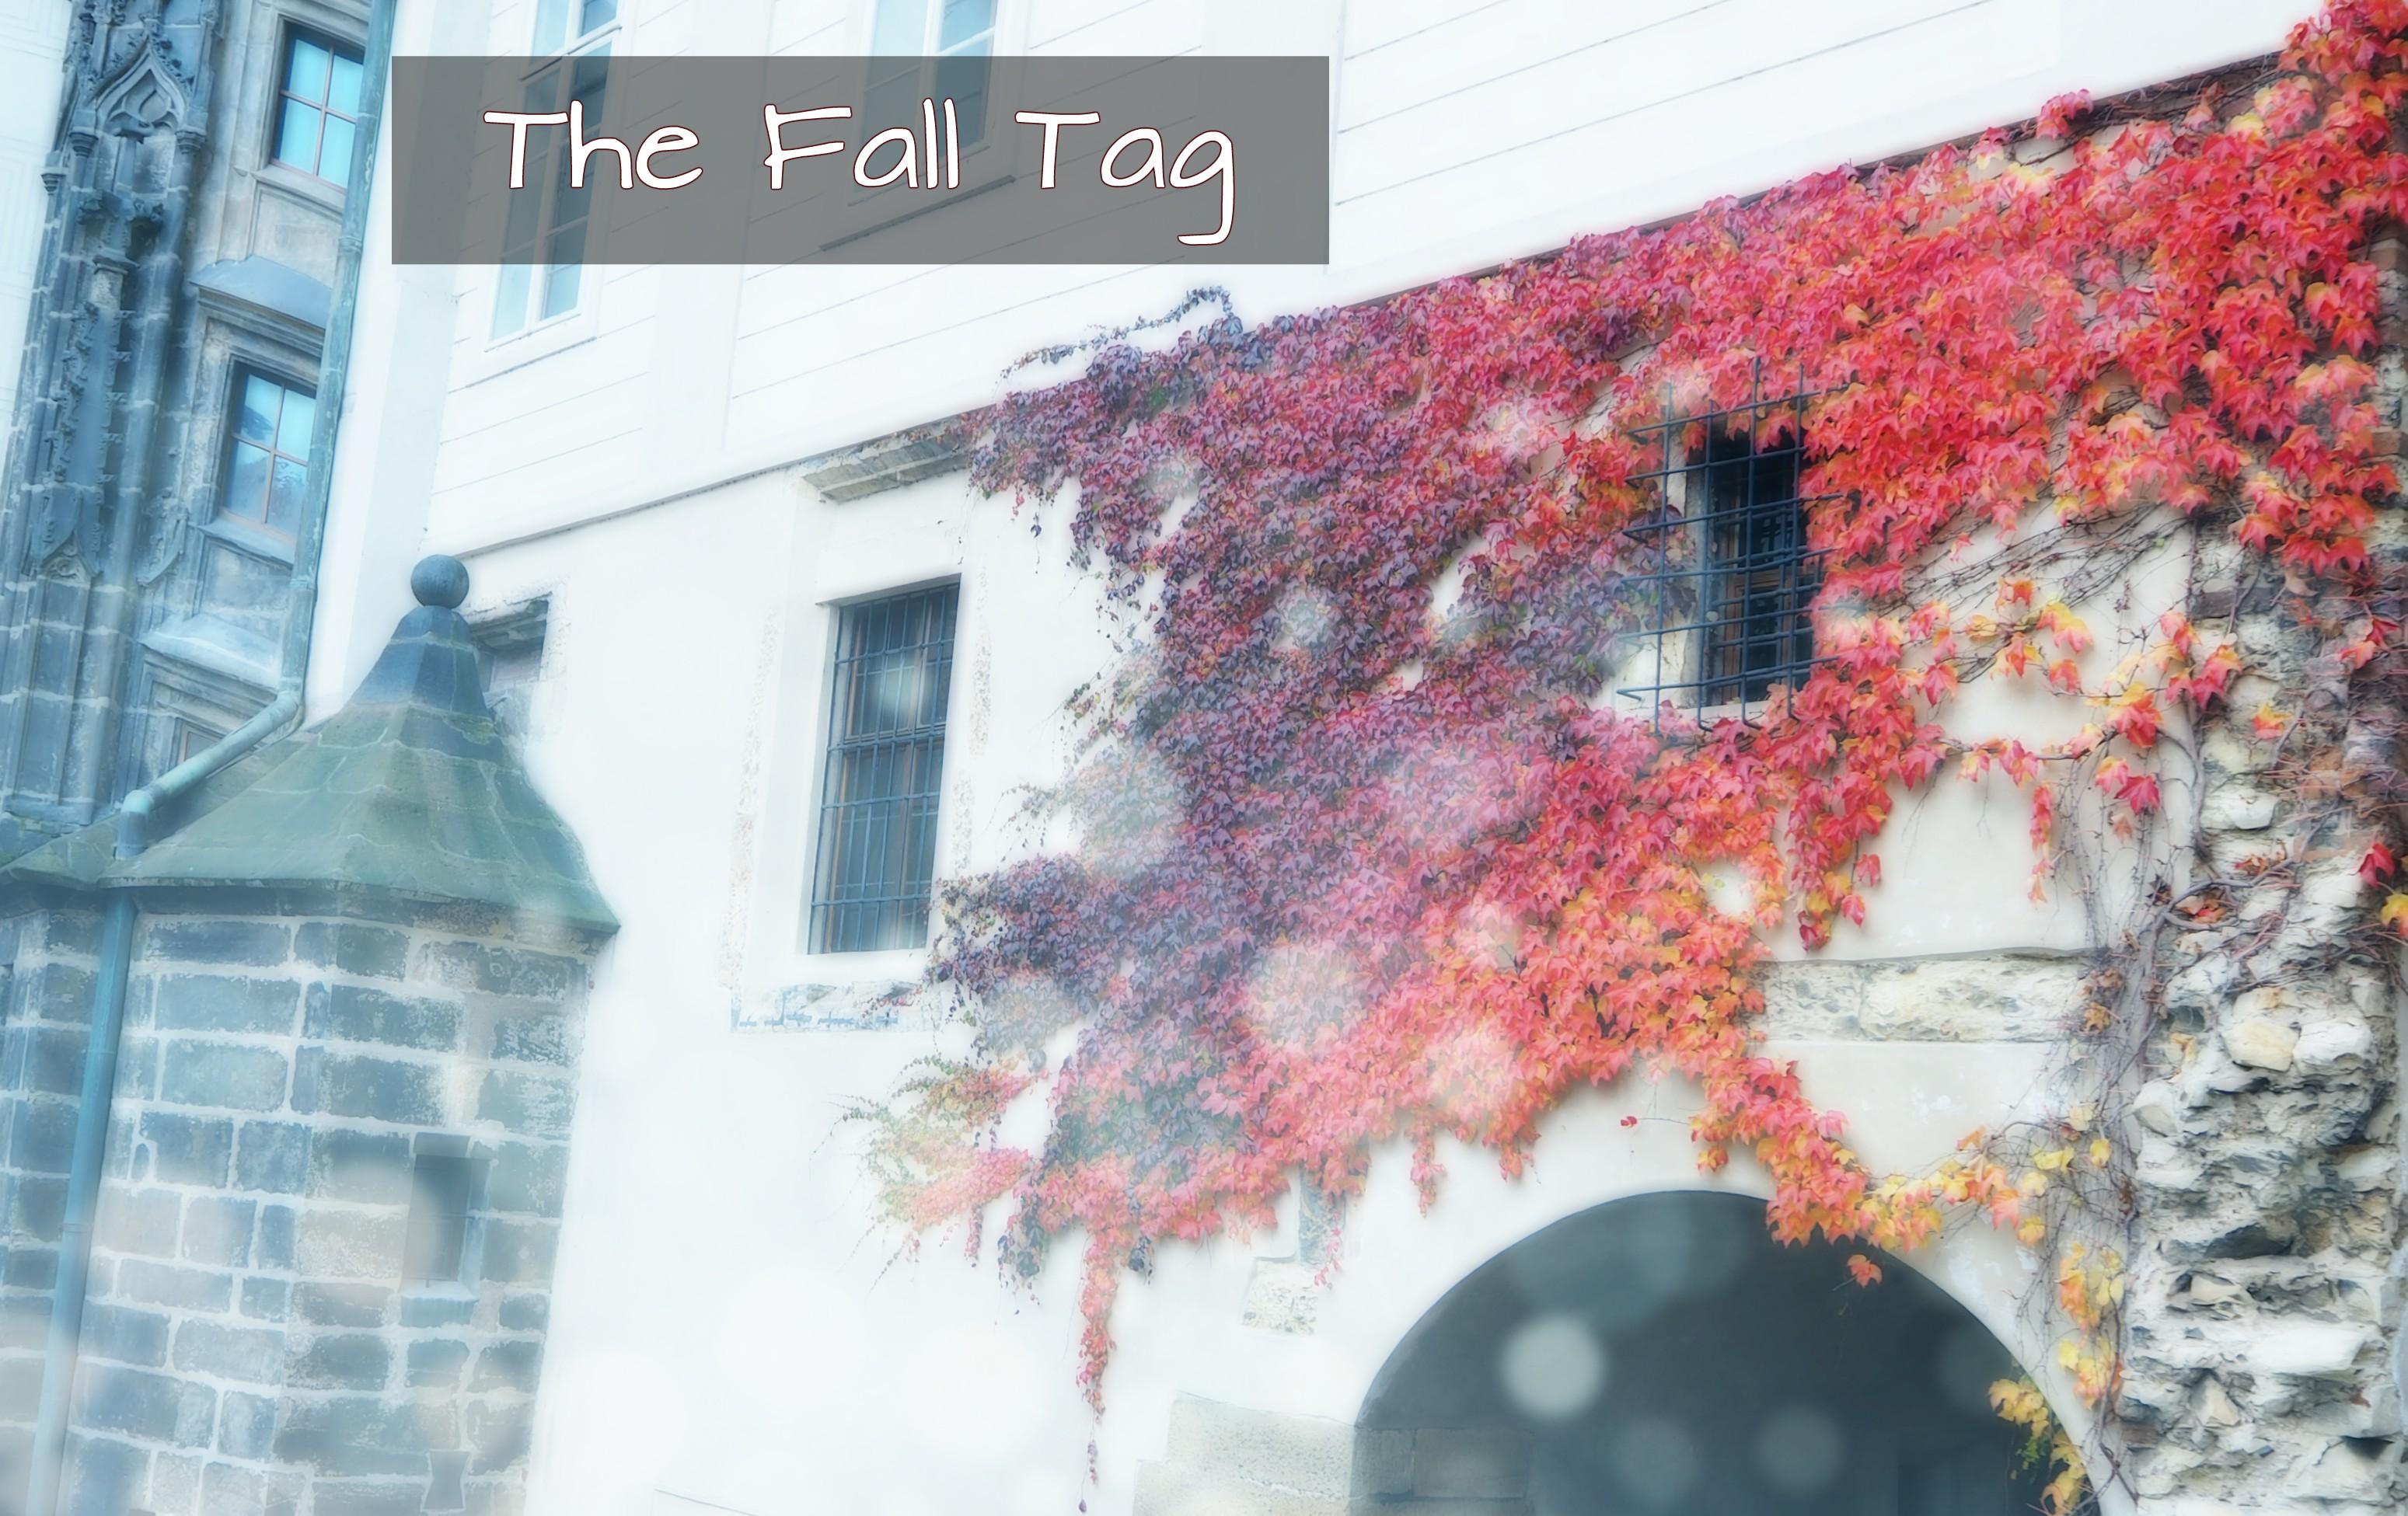 fall tag